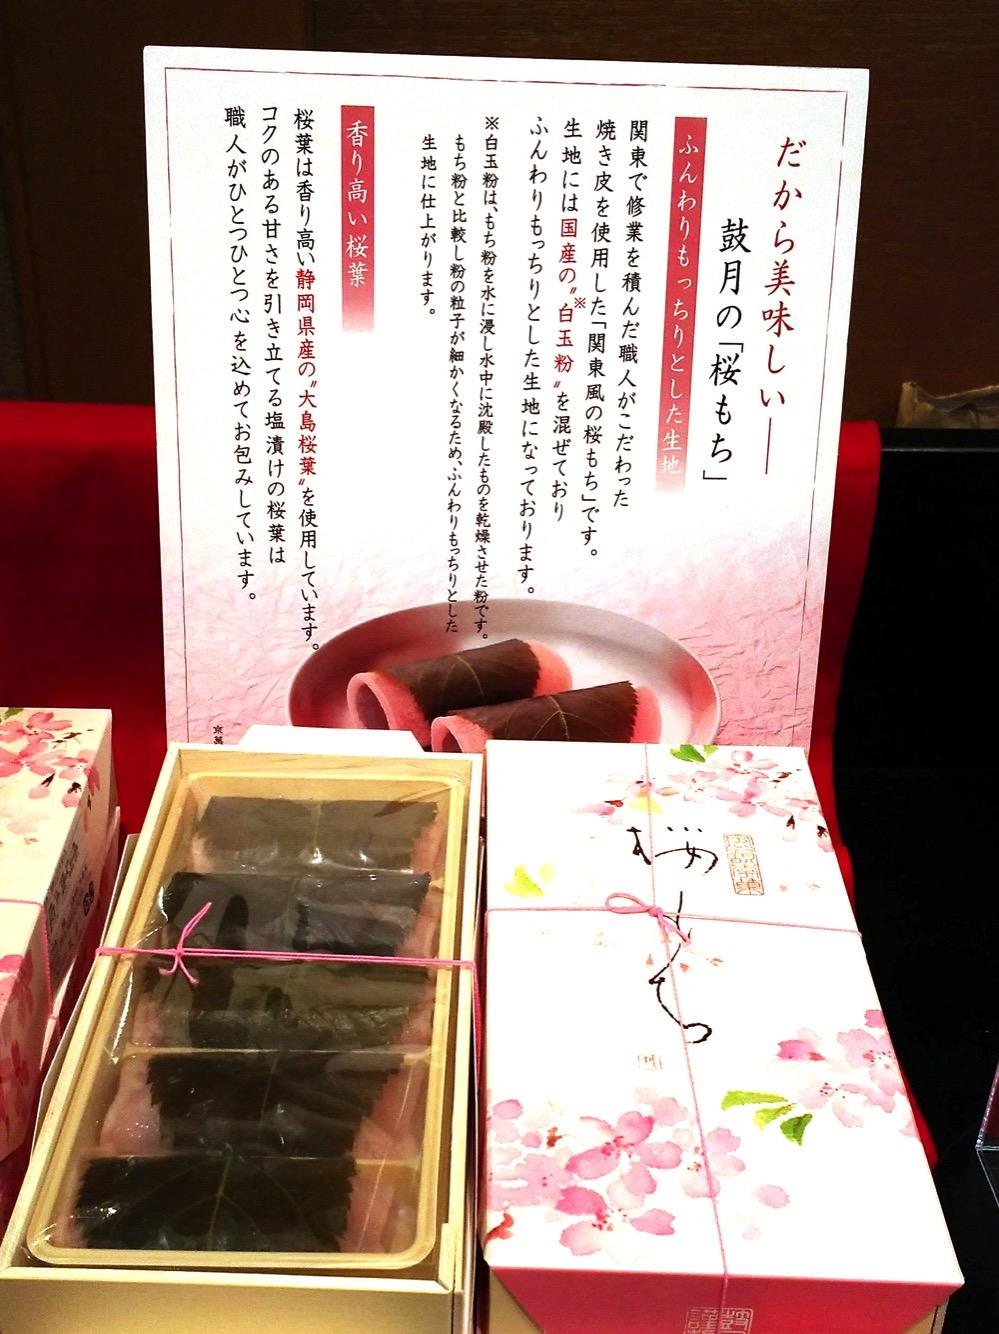 鼓月・桜餅の説明書き